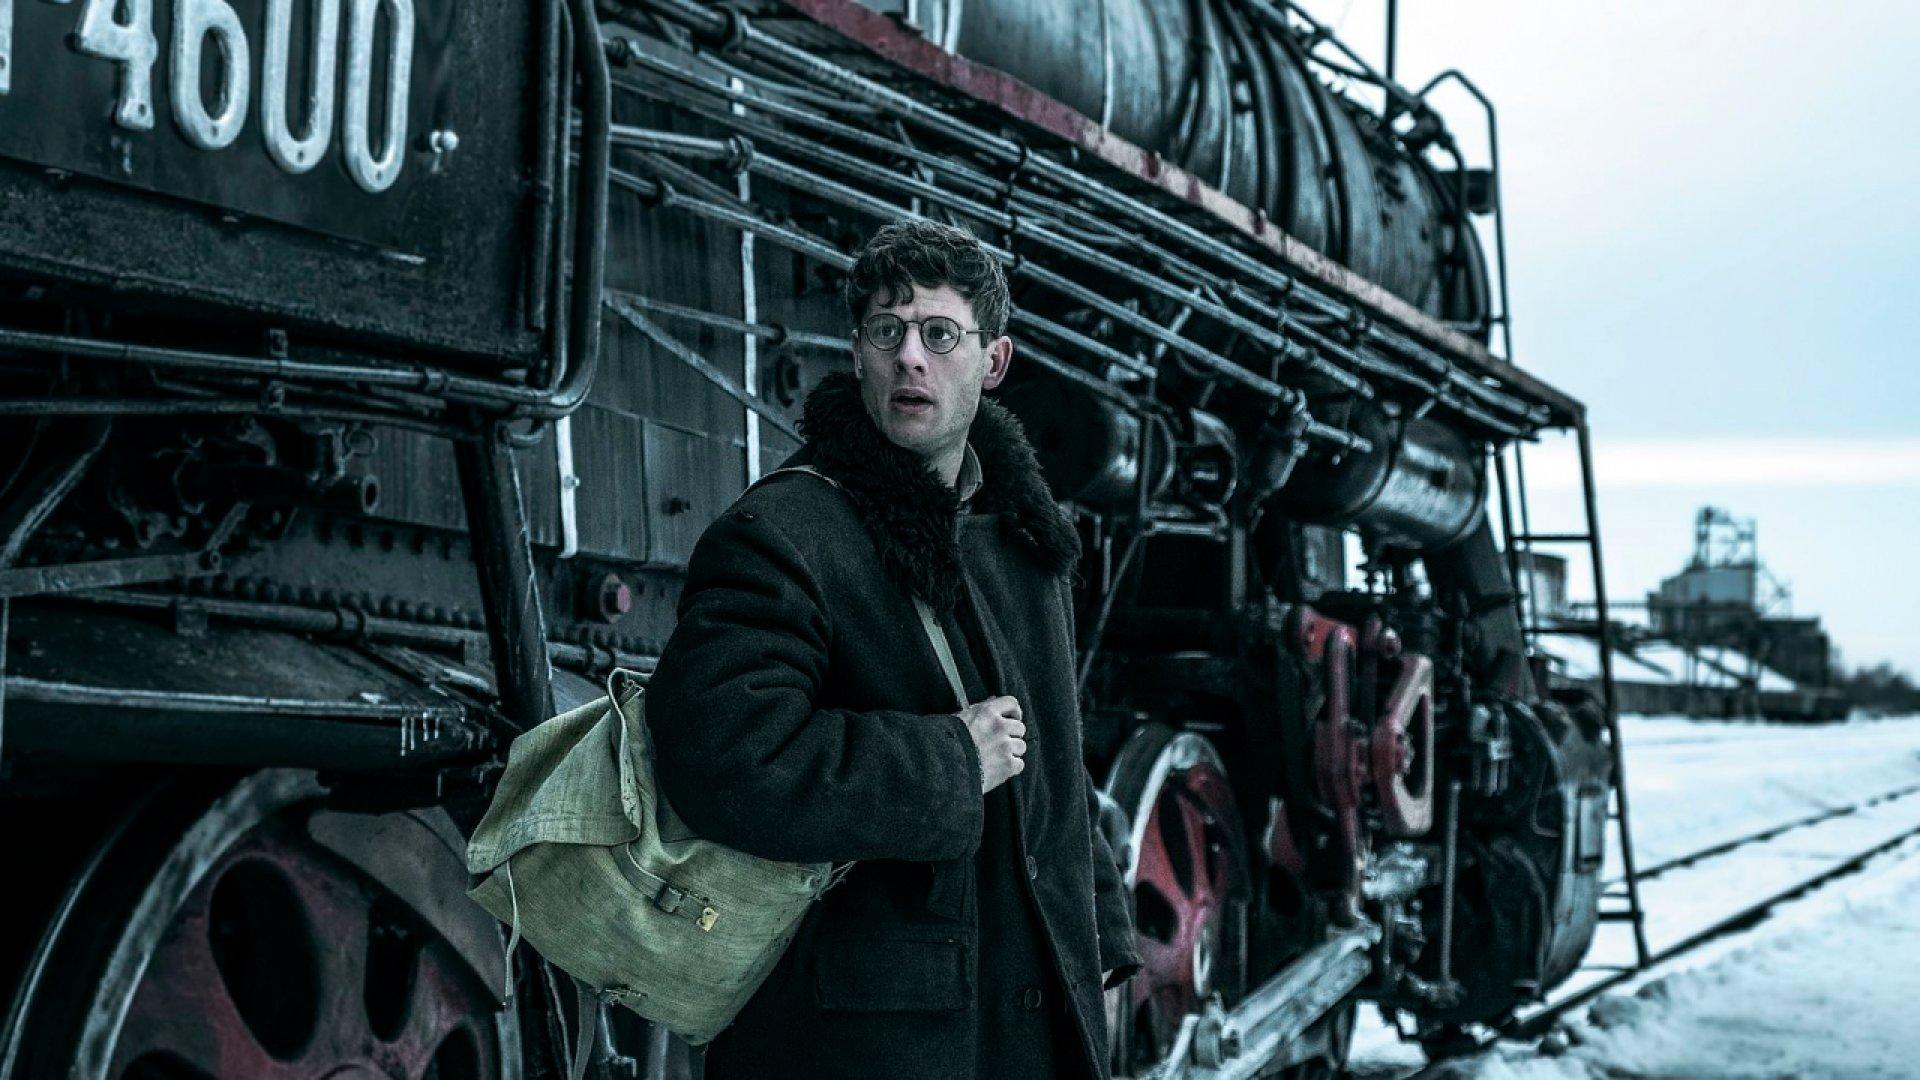 """""""Ціна правди"""": вийшов офіційний трейлер історичного фільму про Голодомор -  - image 4"""